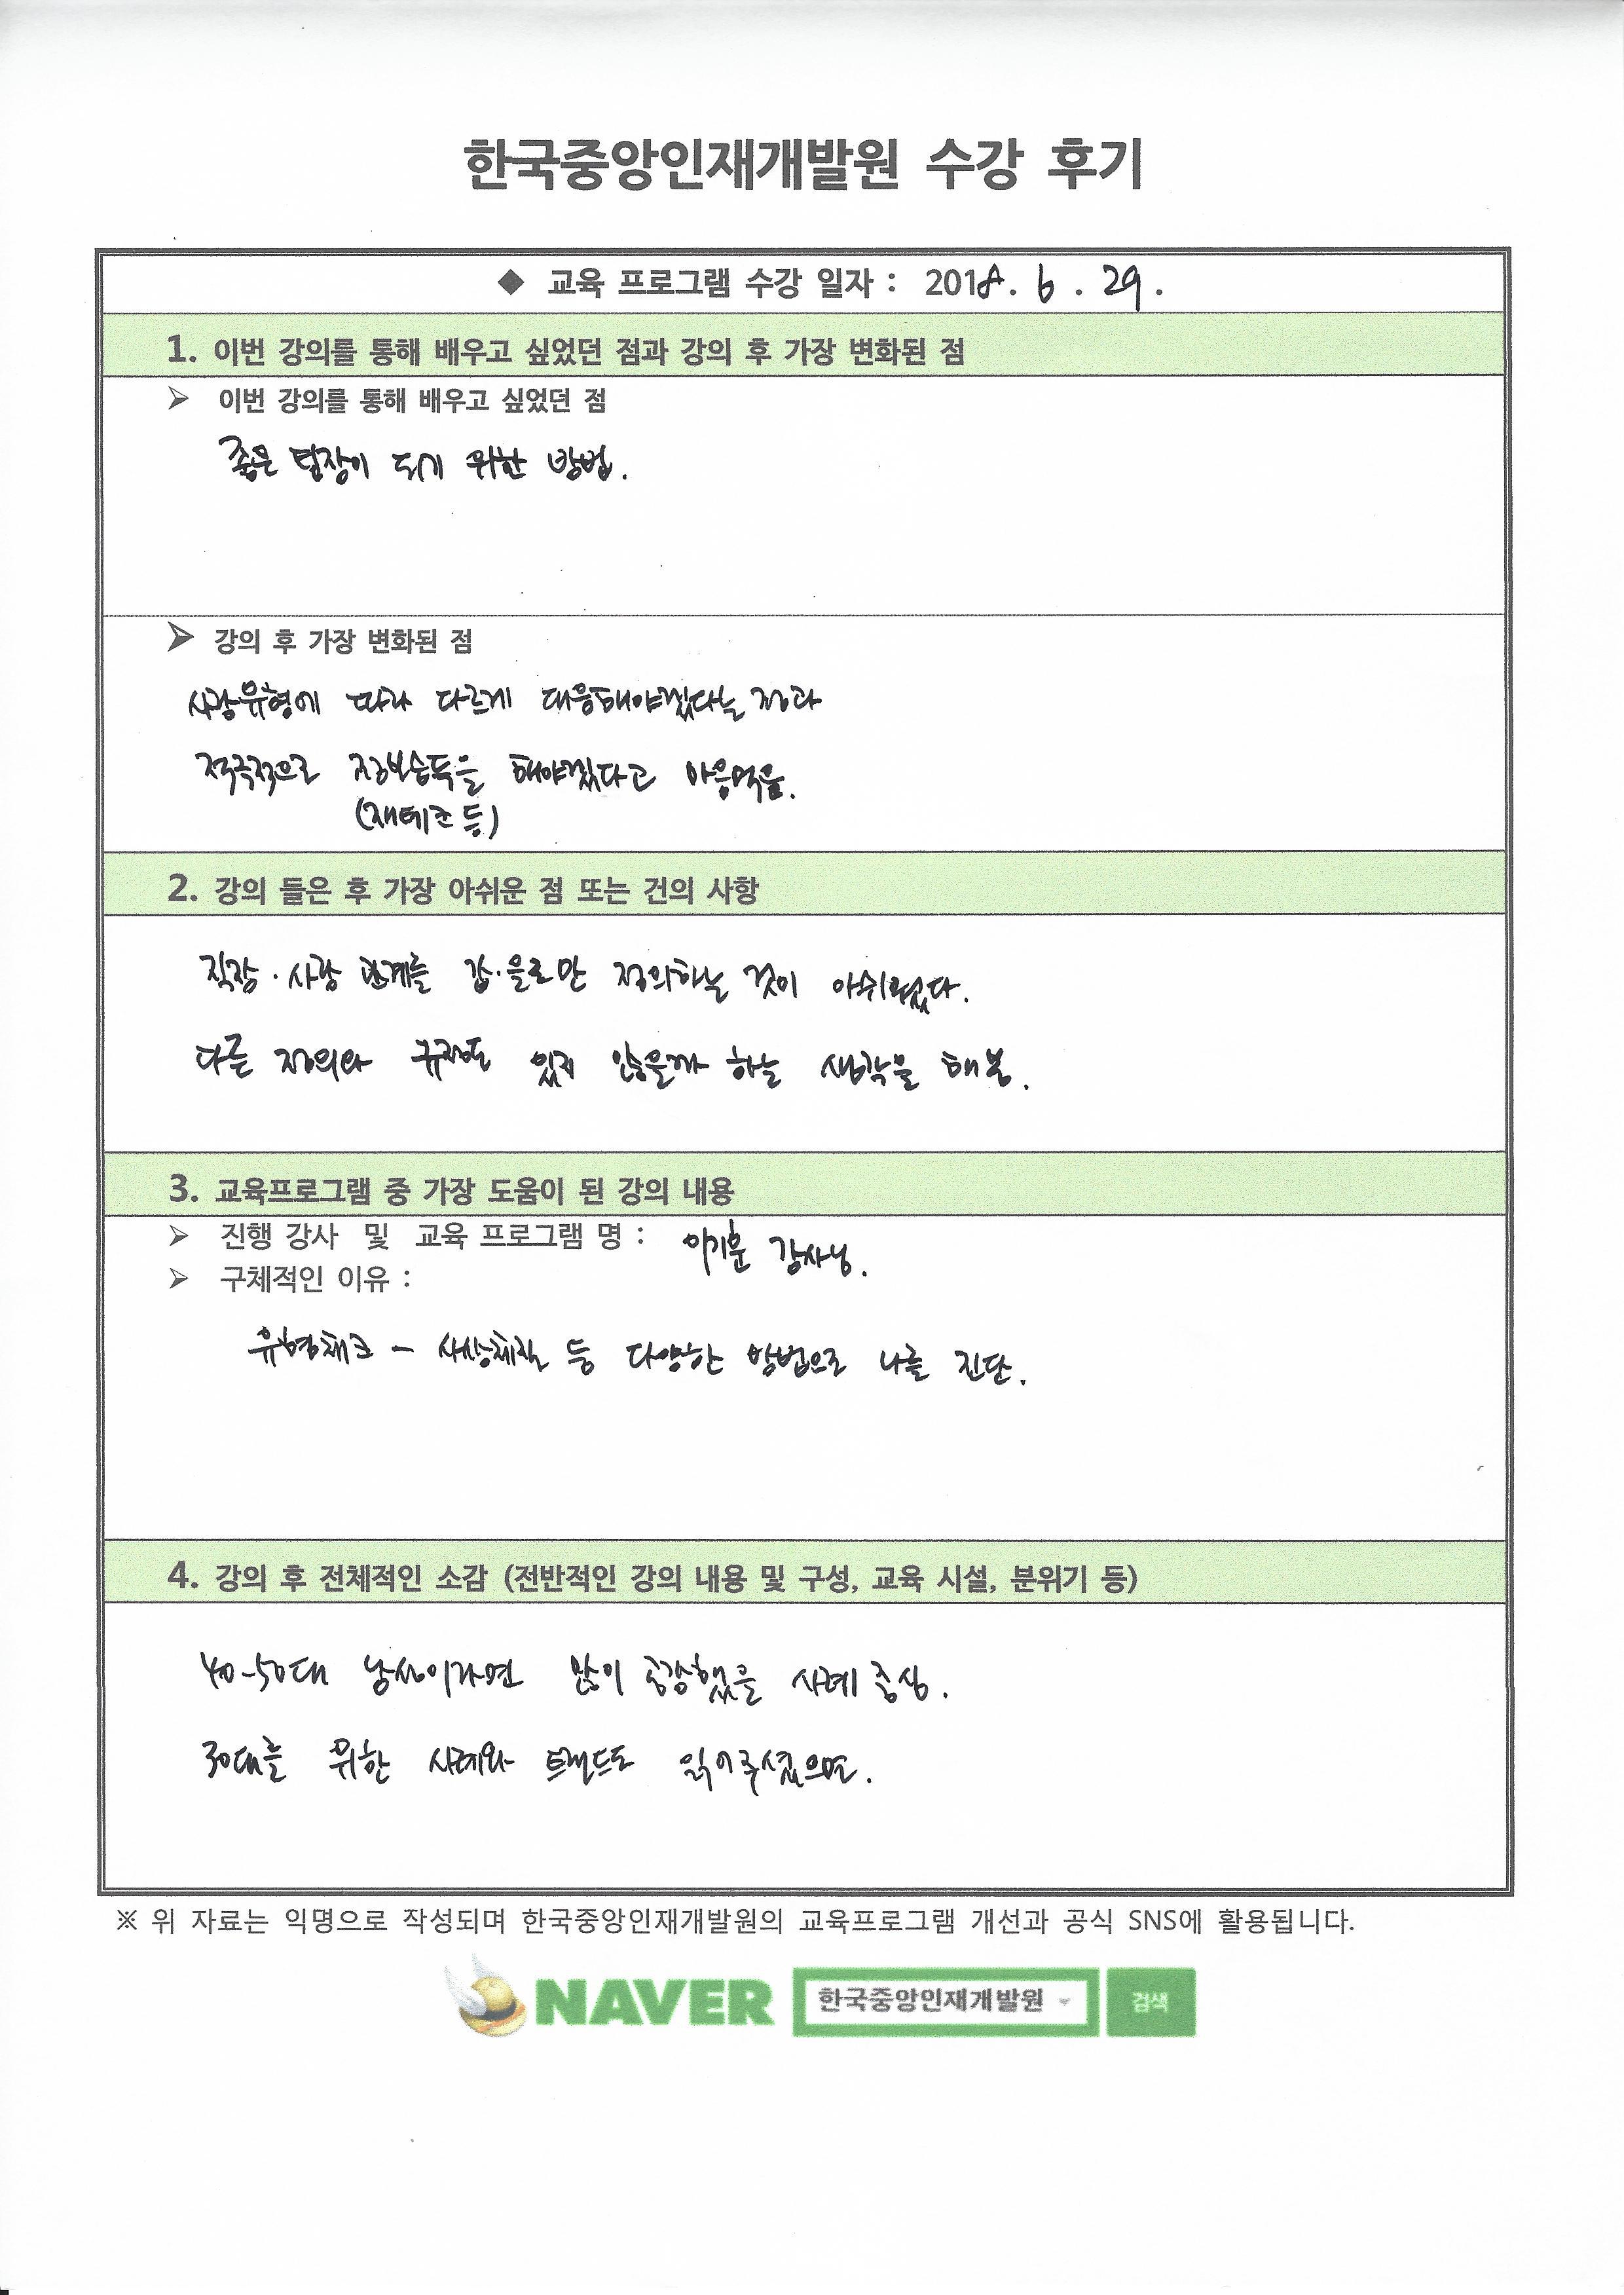 scan-10 사본.JPG